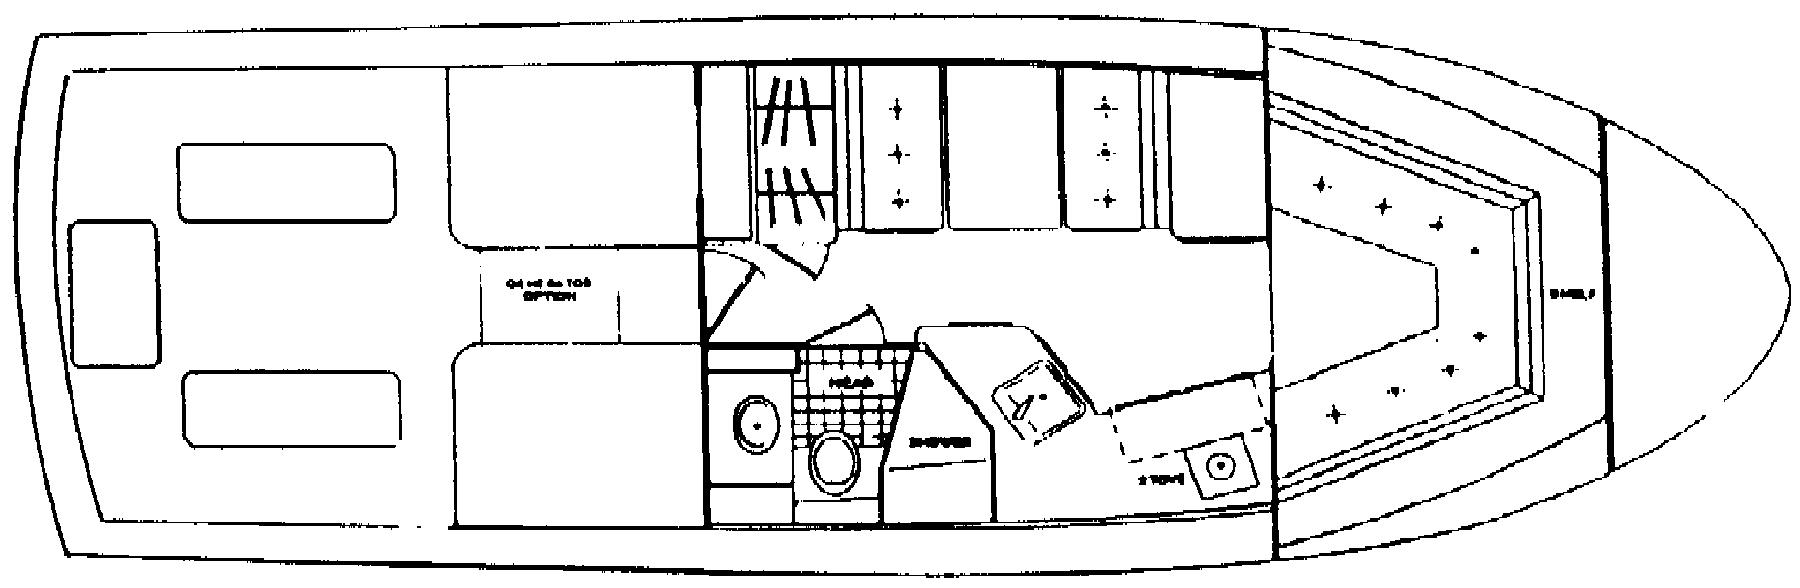 33 Convertible Floor Plan 2